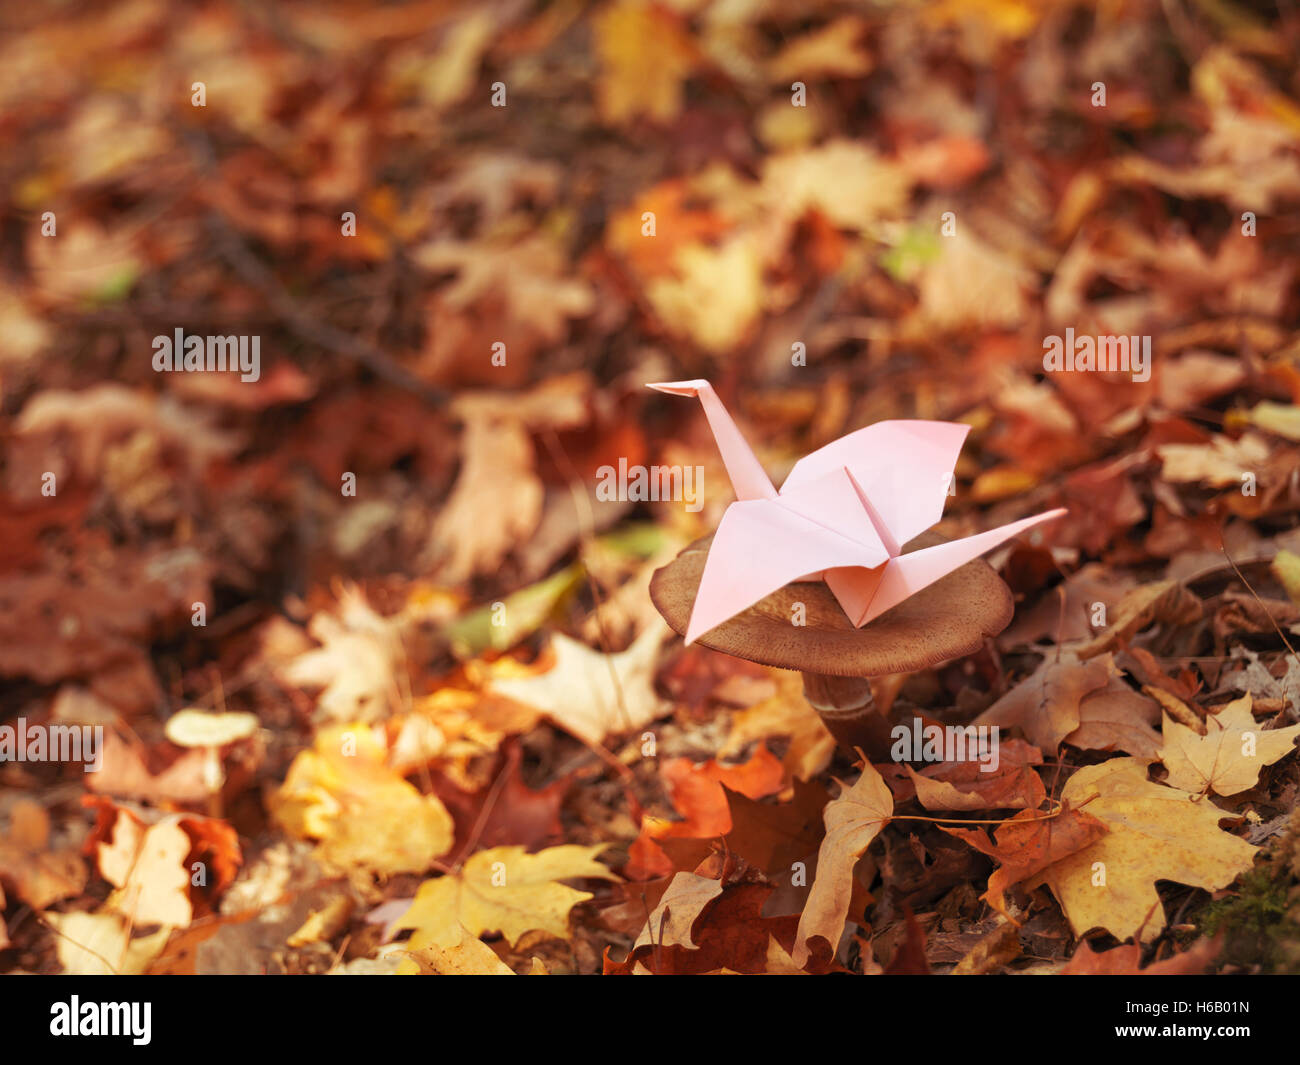 Origami Papier Kran sitzt auf einem Pilz im Herbst Natur Landschaft Stockbild